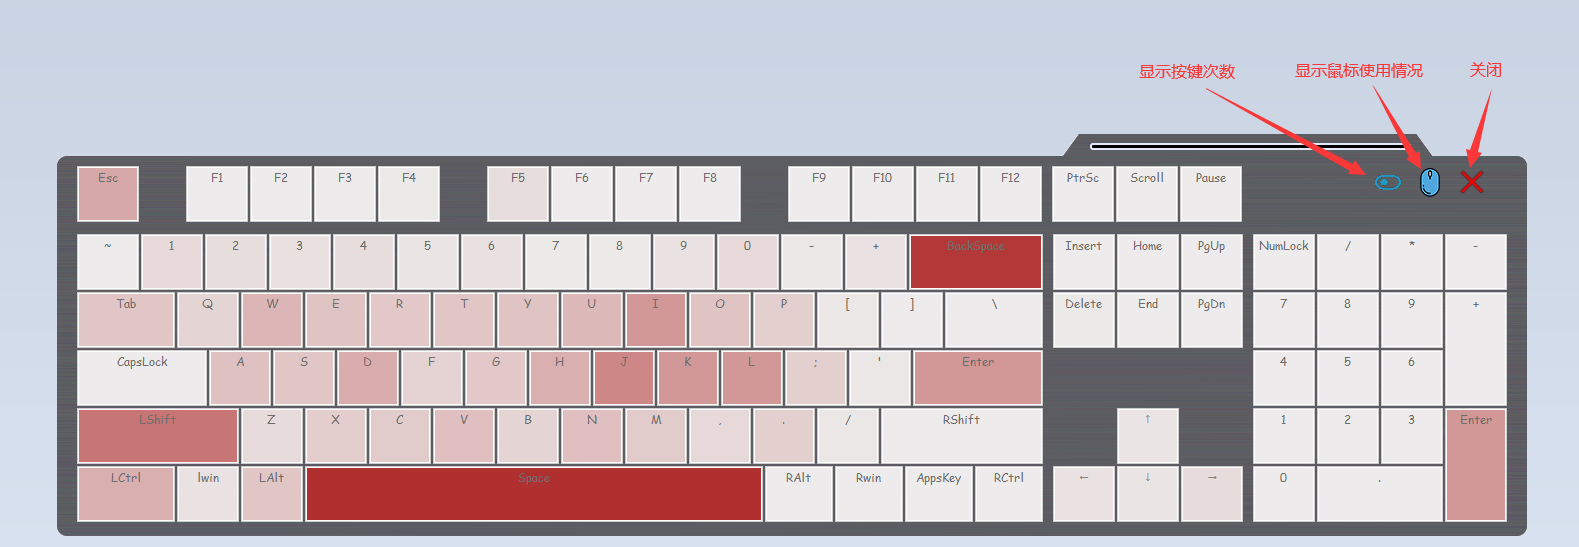 KMCount 1.0 键鼠统计